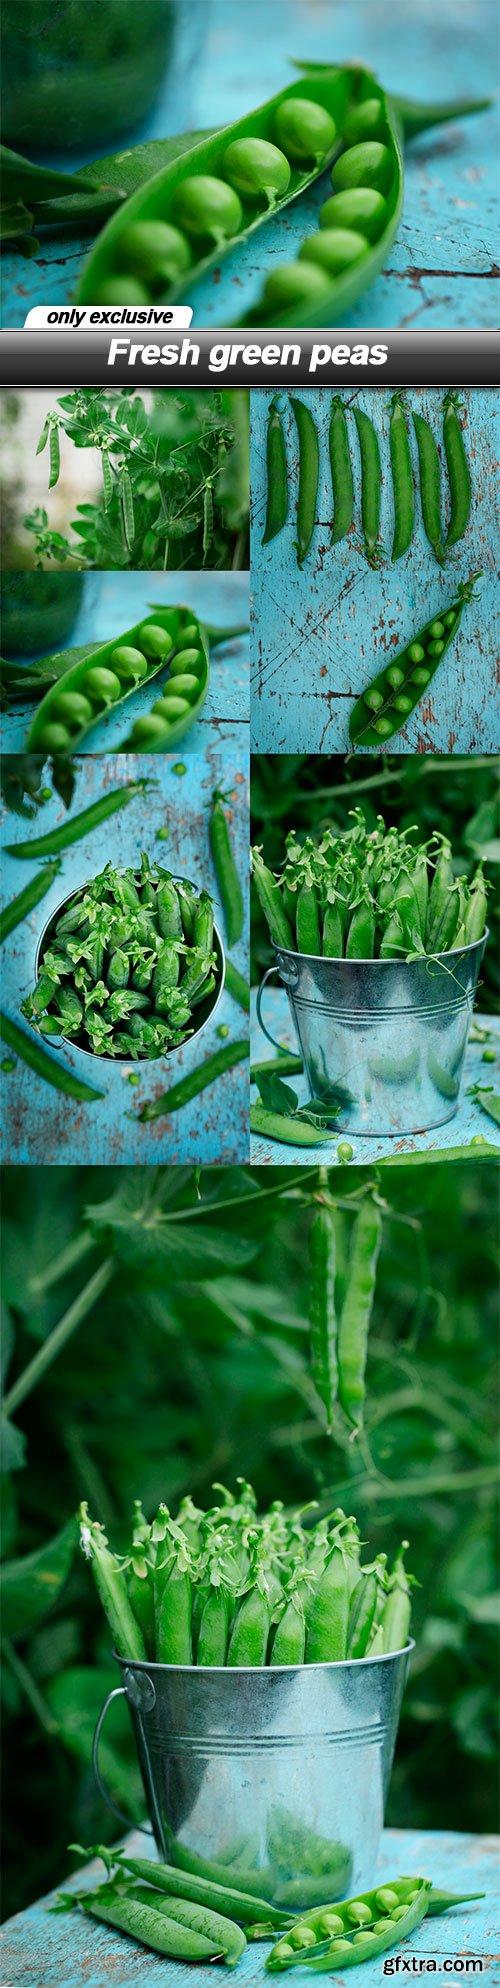 Fresh green peas - 7 UHQ JPEG